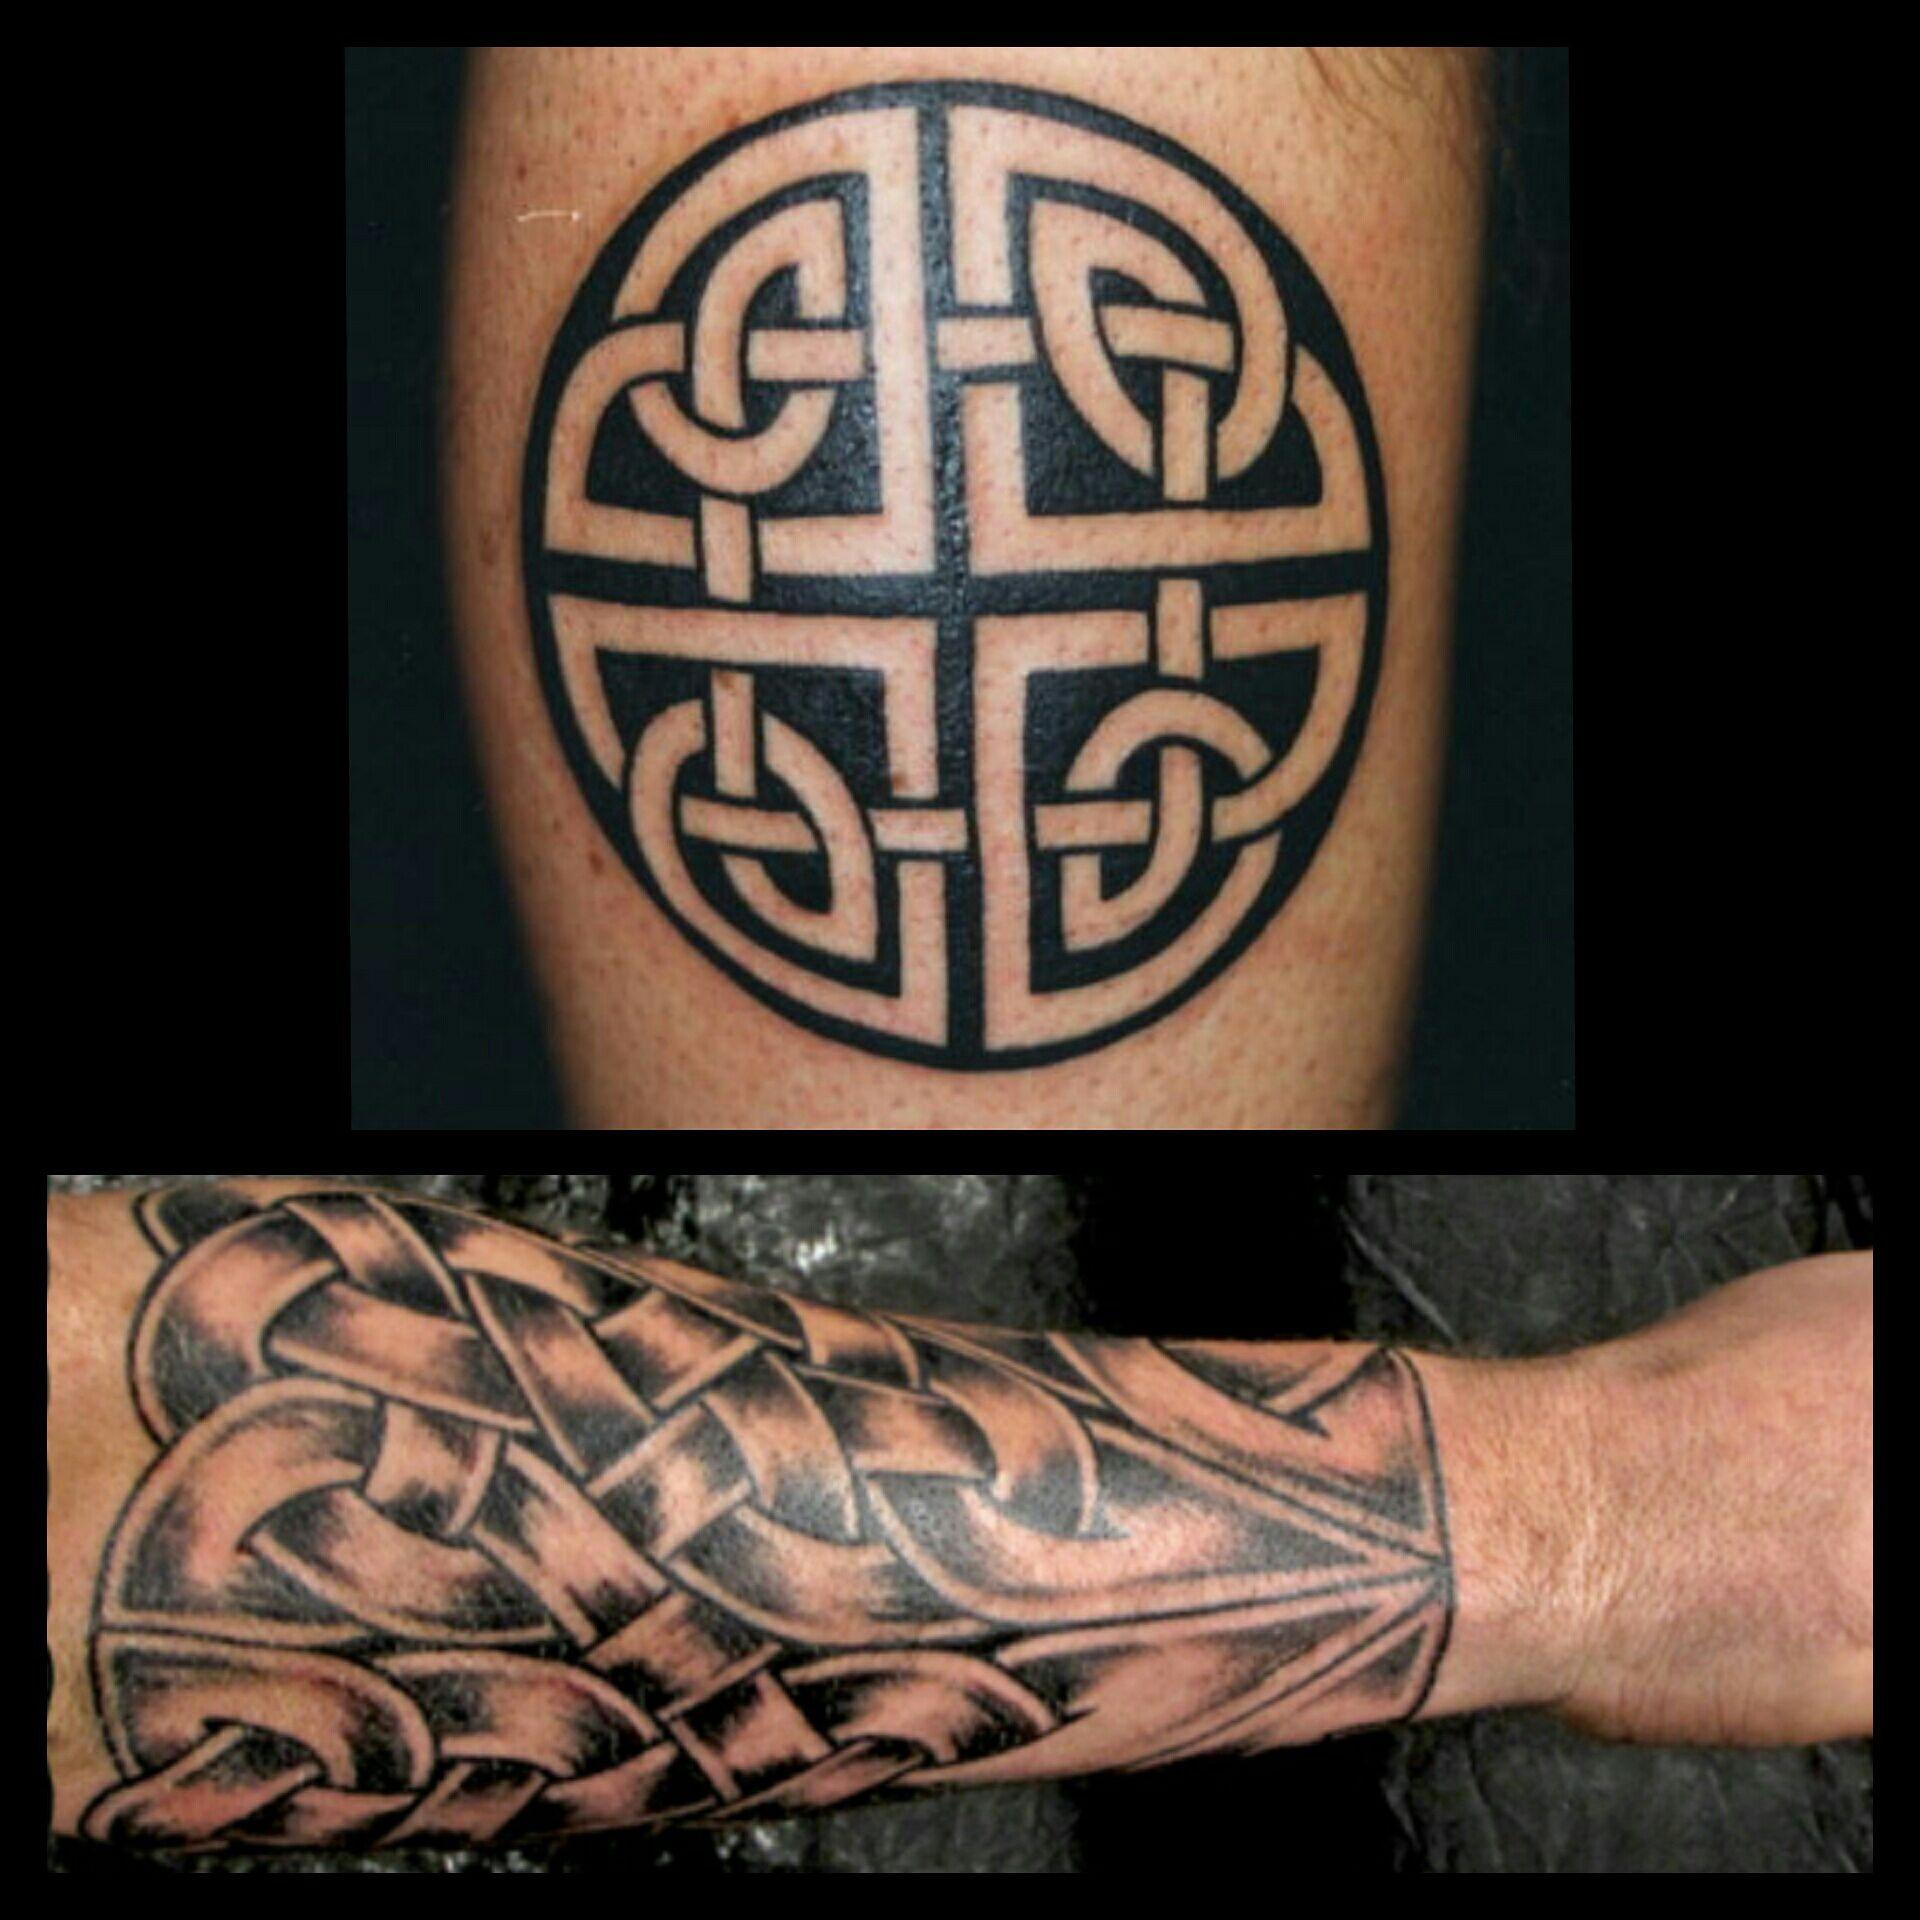 signification tatouage boussole signification tatouage symbolique derri re 40 des motifs plus. Black Bedroom Furniture Sets. Home Design Ideas